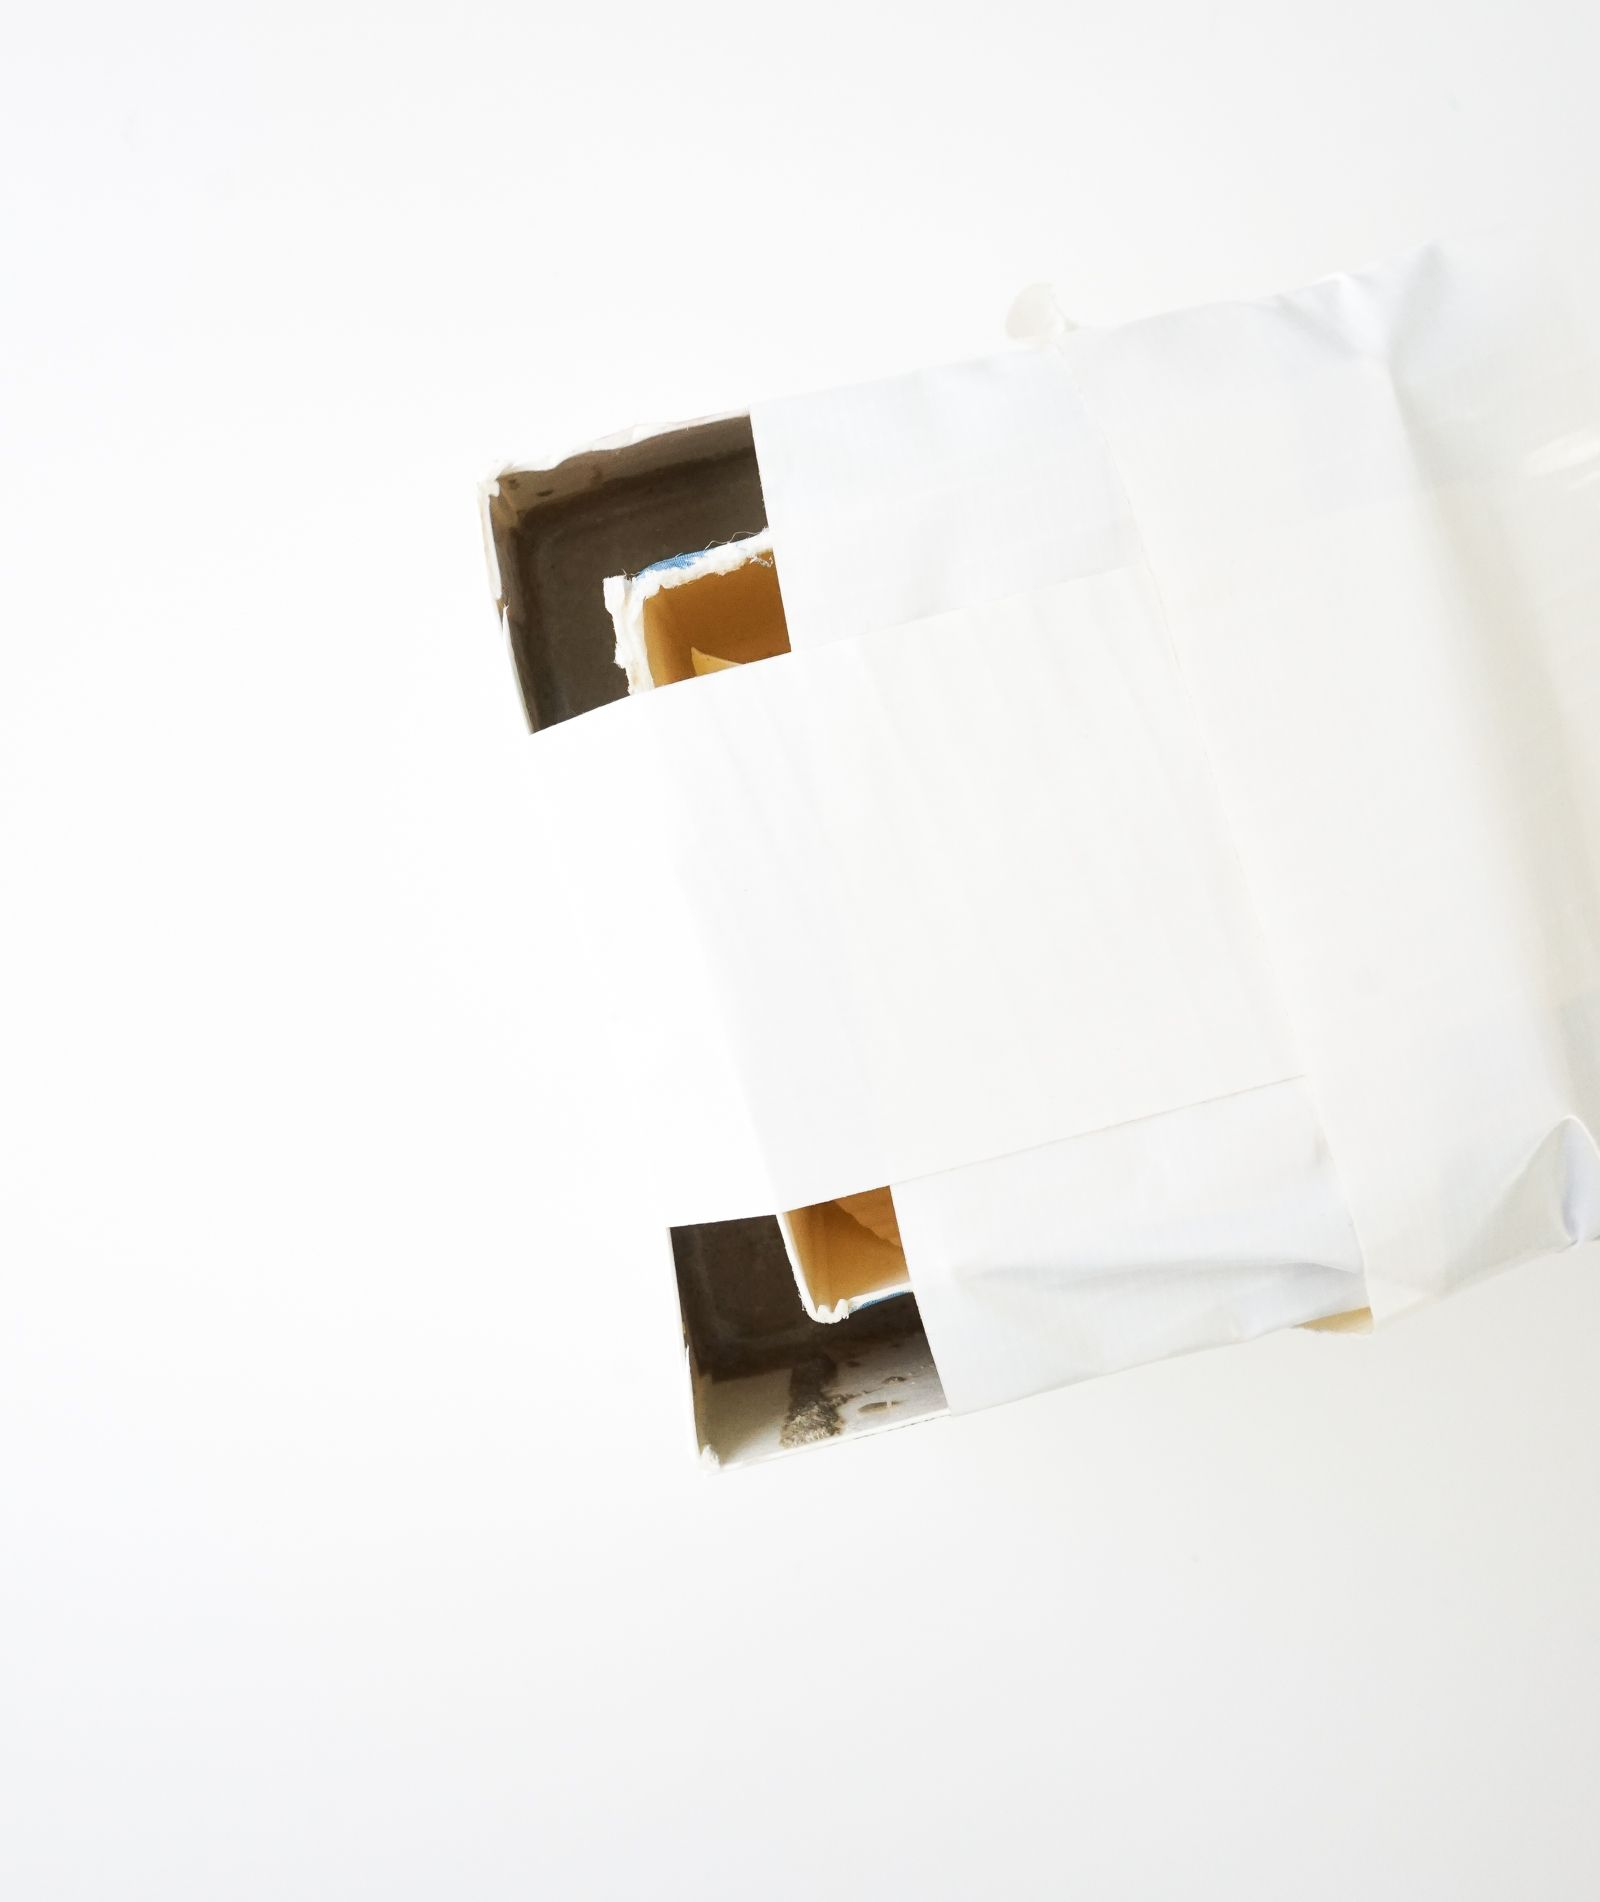 Tape the smaller carton